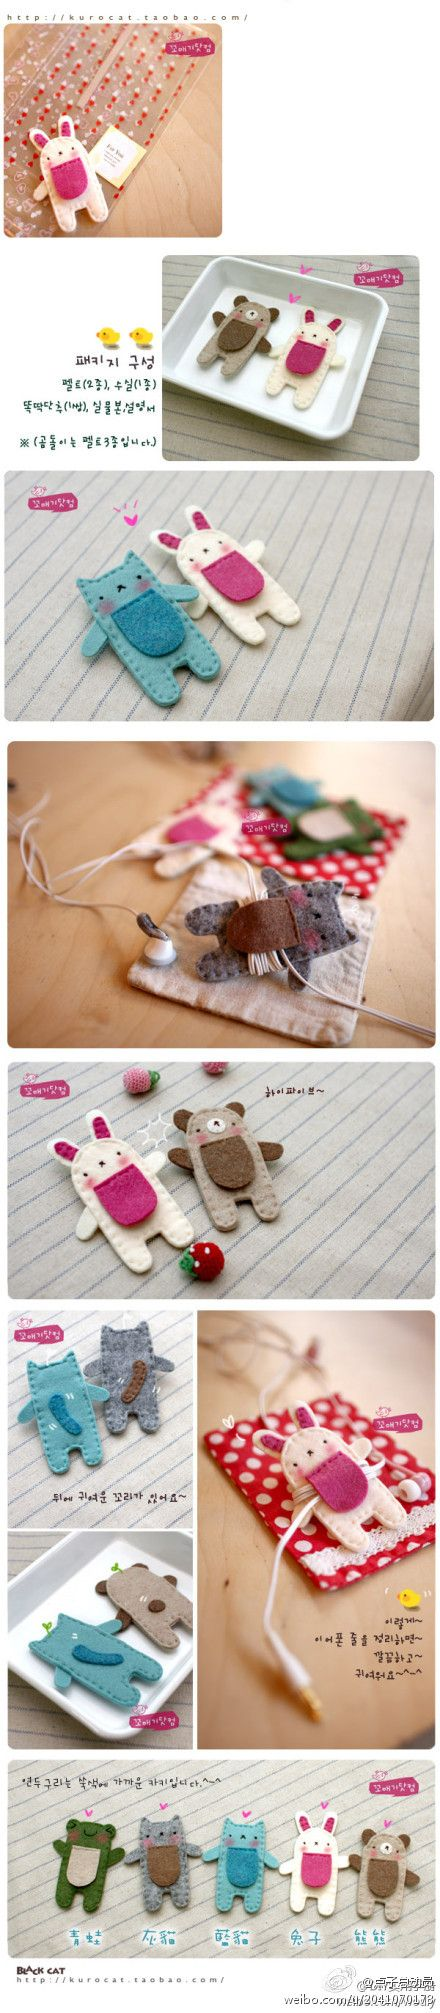 cute earphone holders #kitten #cat #frog #bear #bunny #rabbit